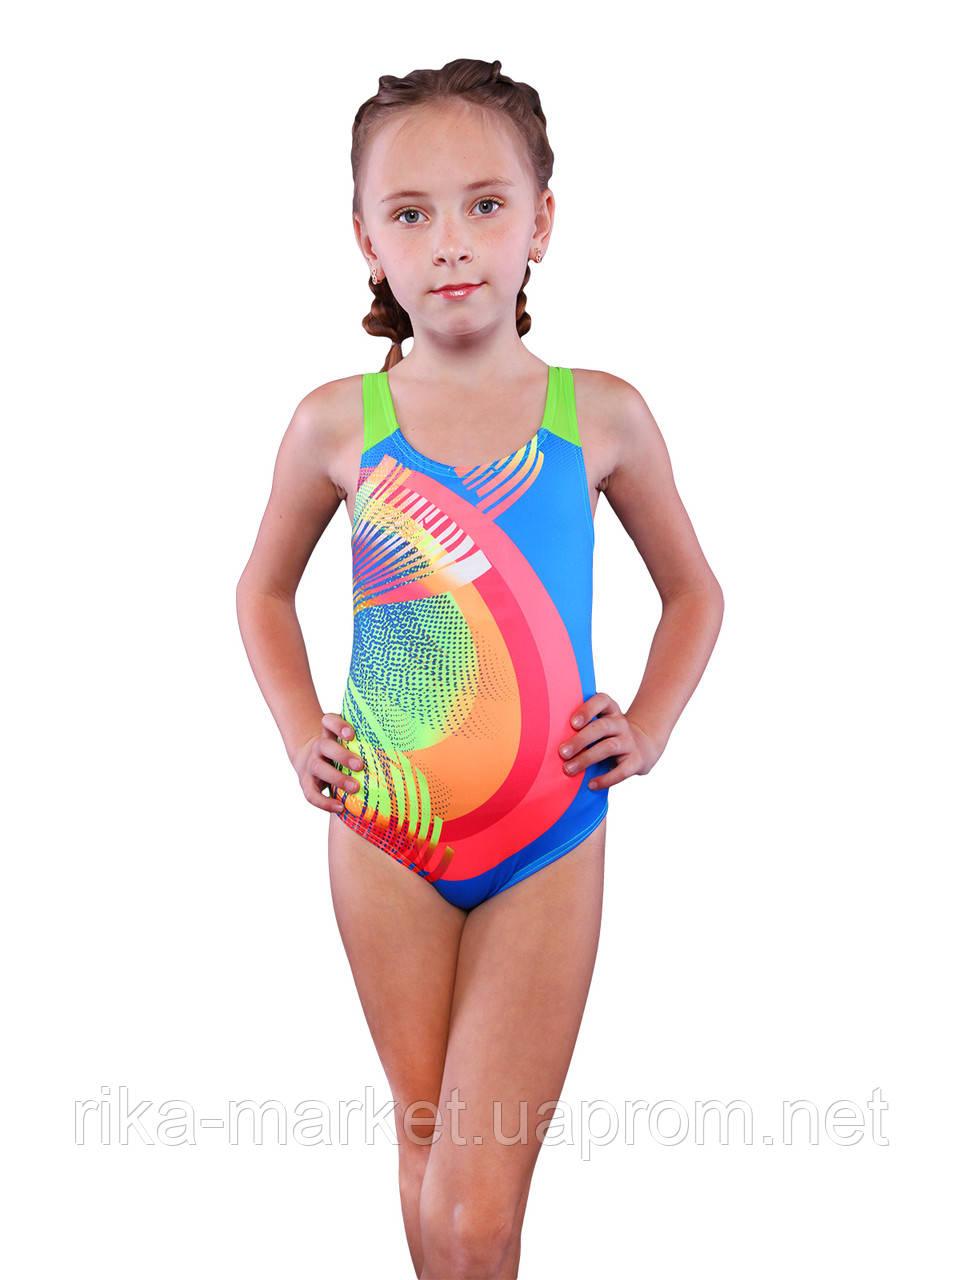 Спортивный купальник для девочки Keyzi, от 7 до 14 лет, Rainbow